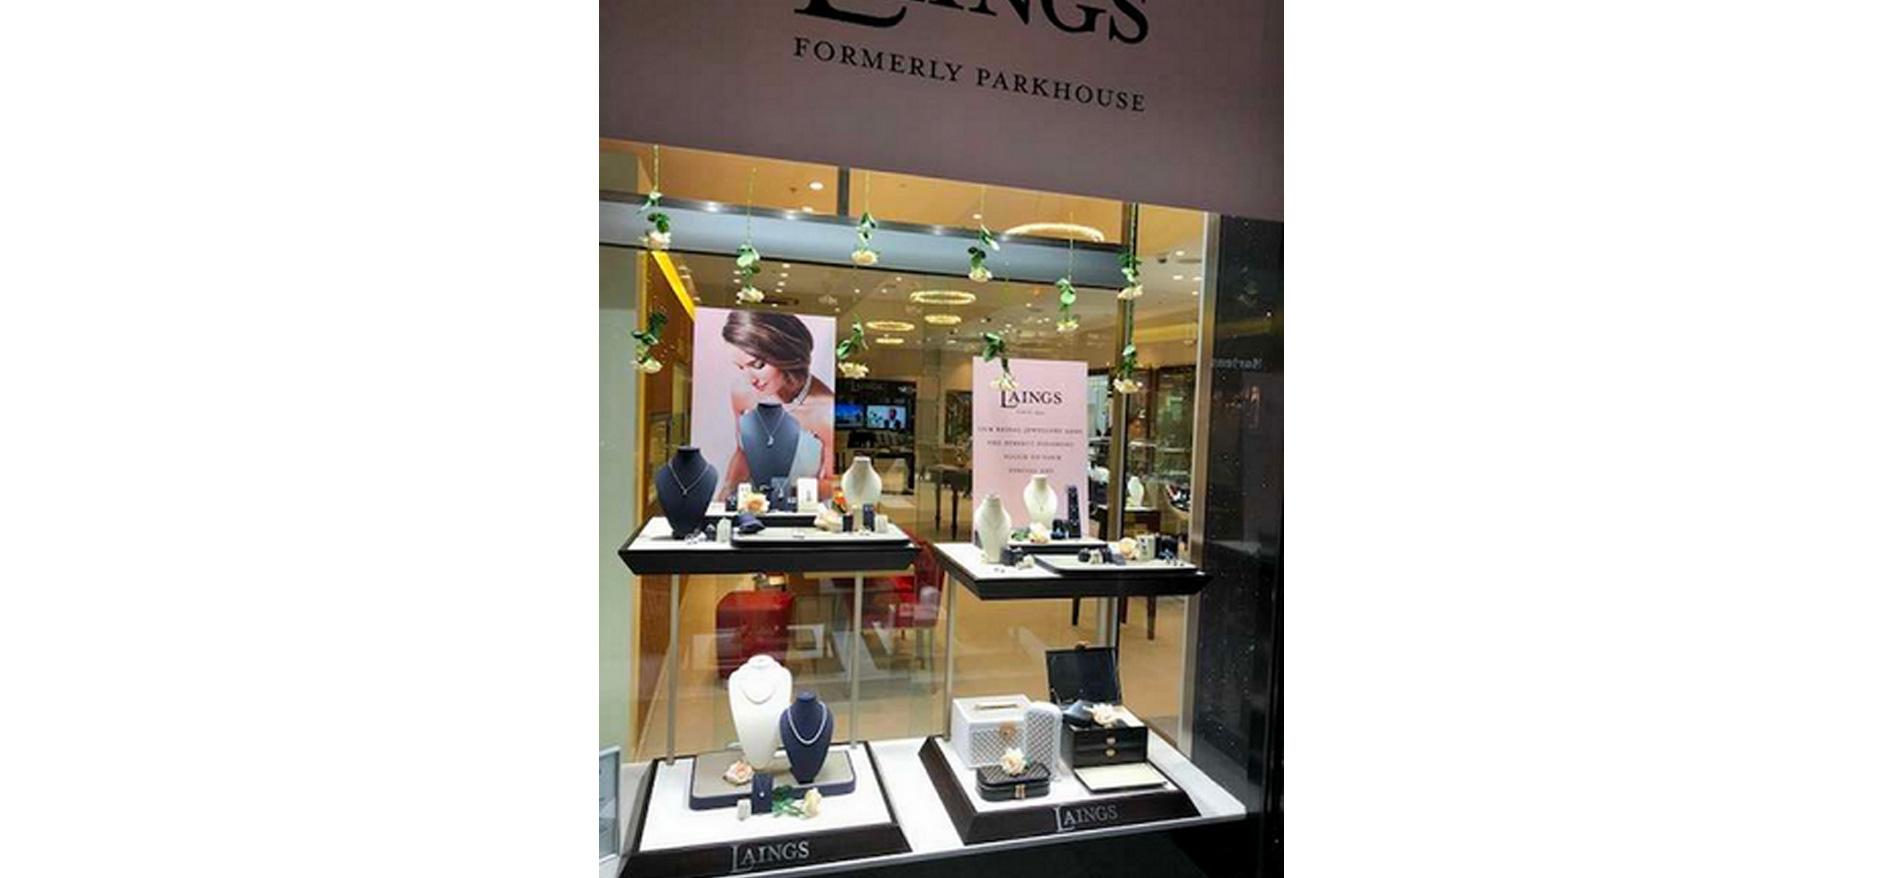 Laings store display